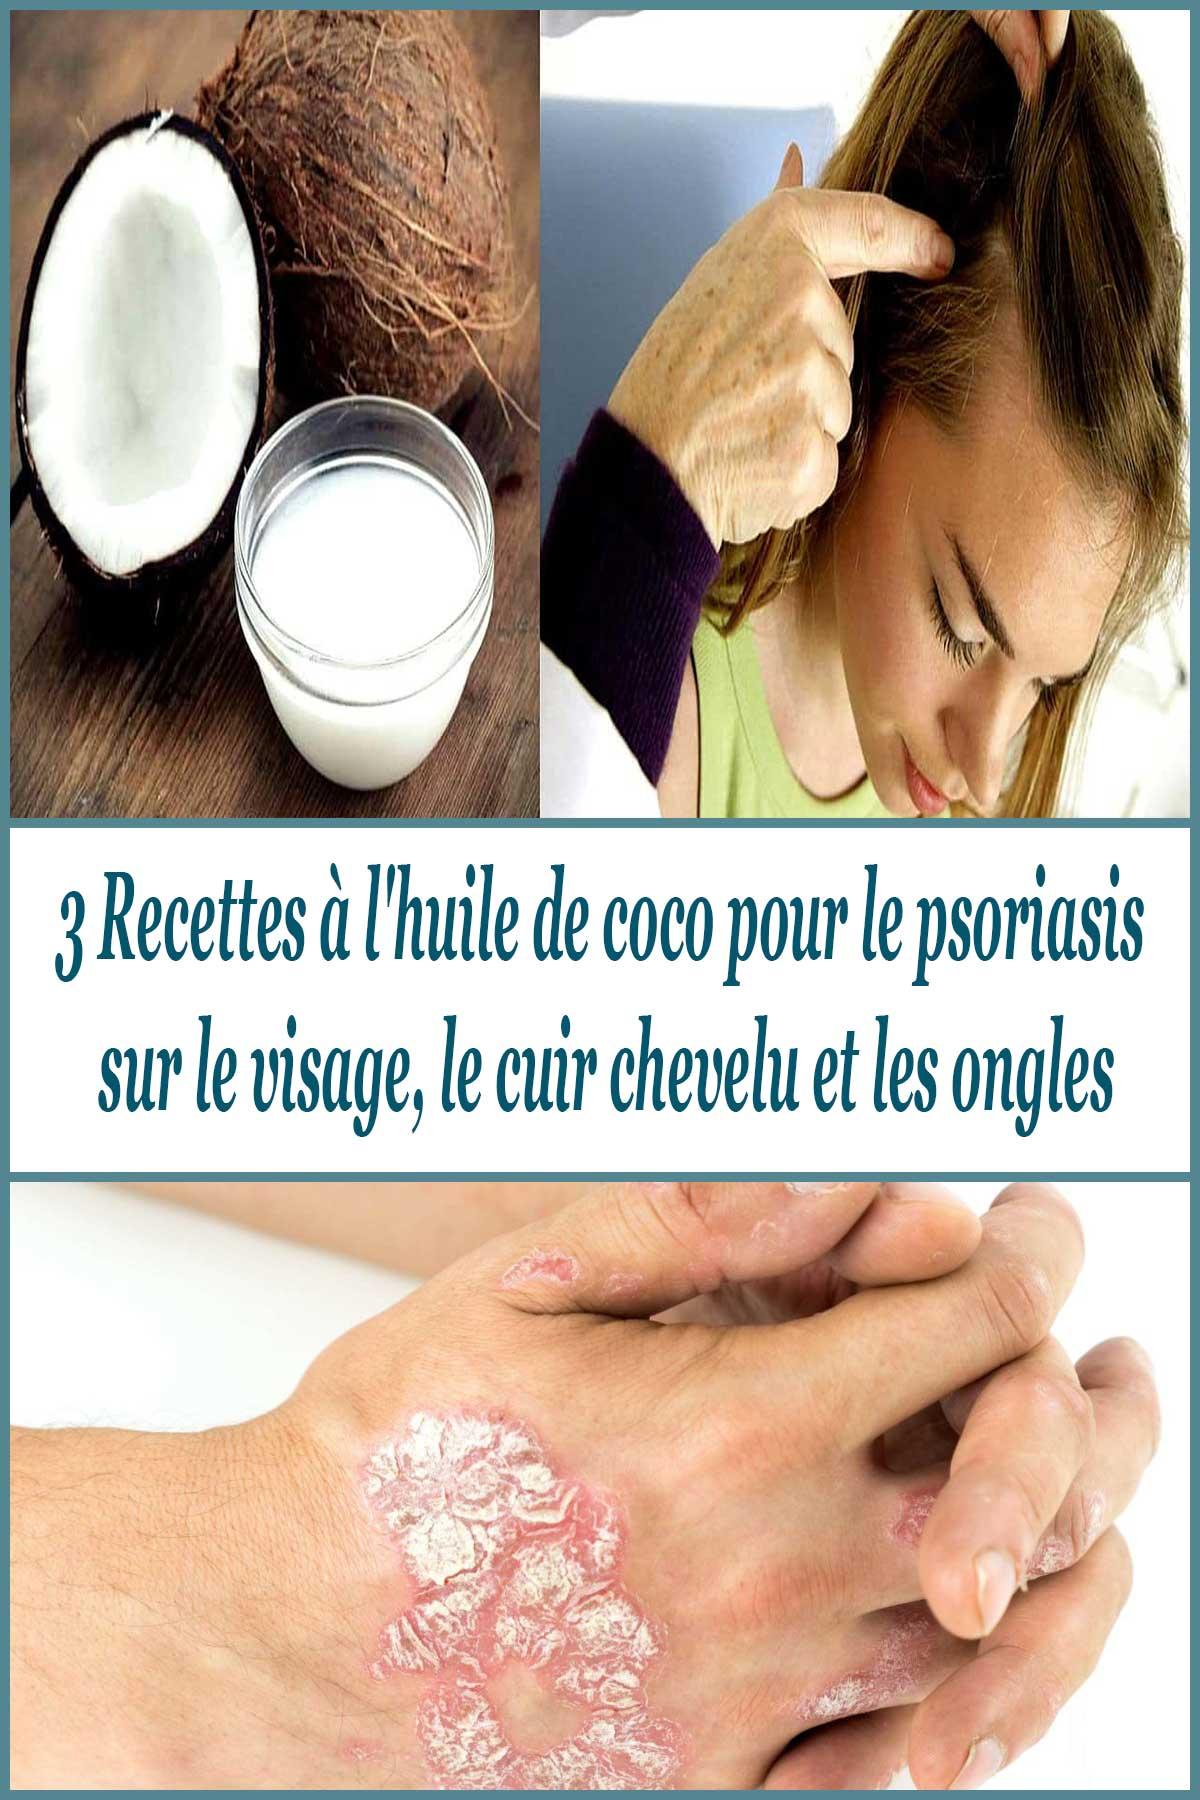 Recettes à l'huile de coco pour le psoriasis sur le visage, le cuir chevelu et les ongles